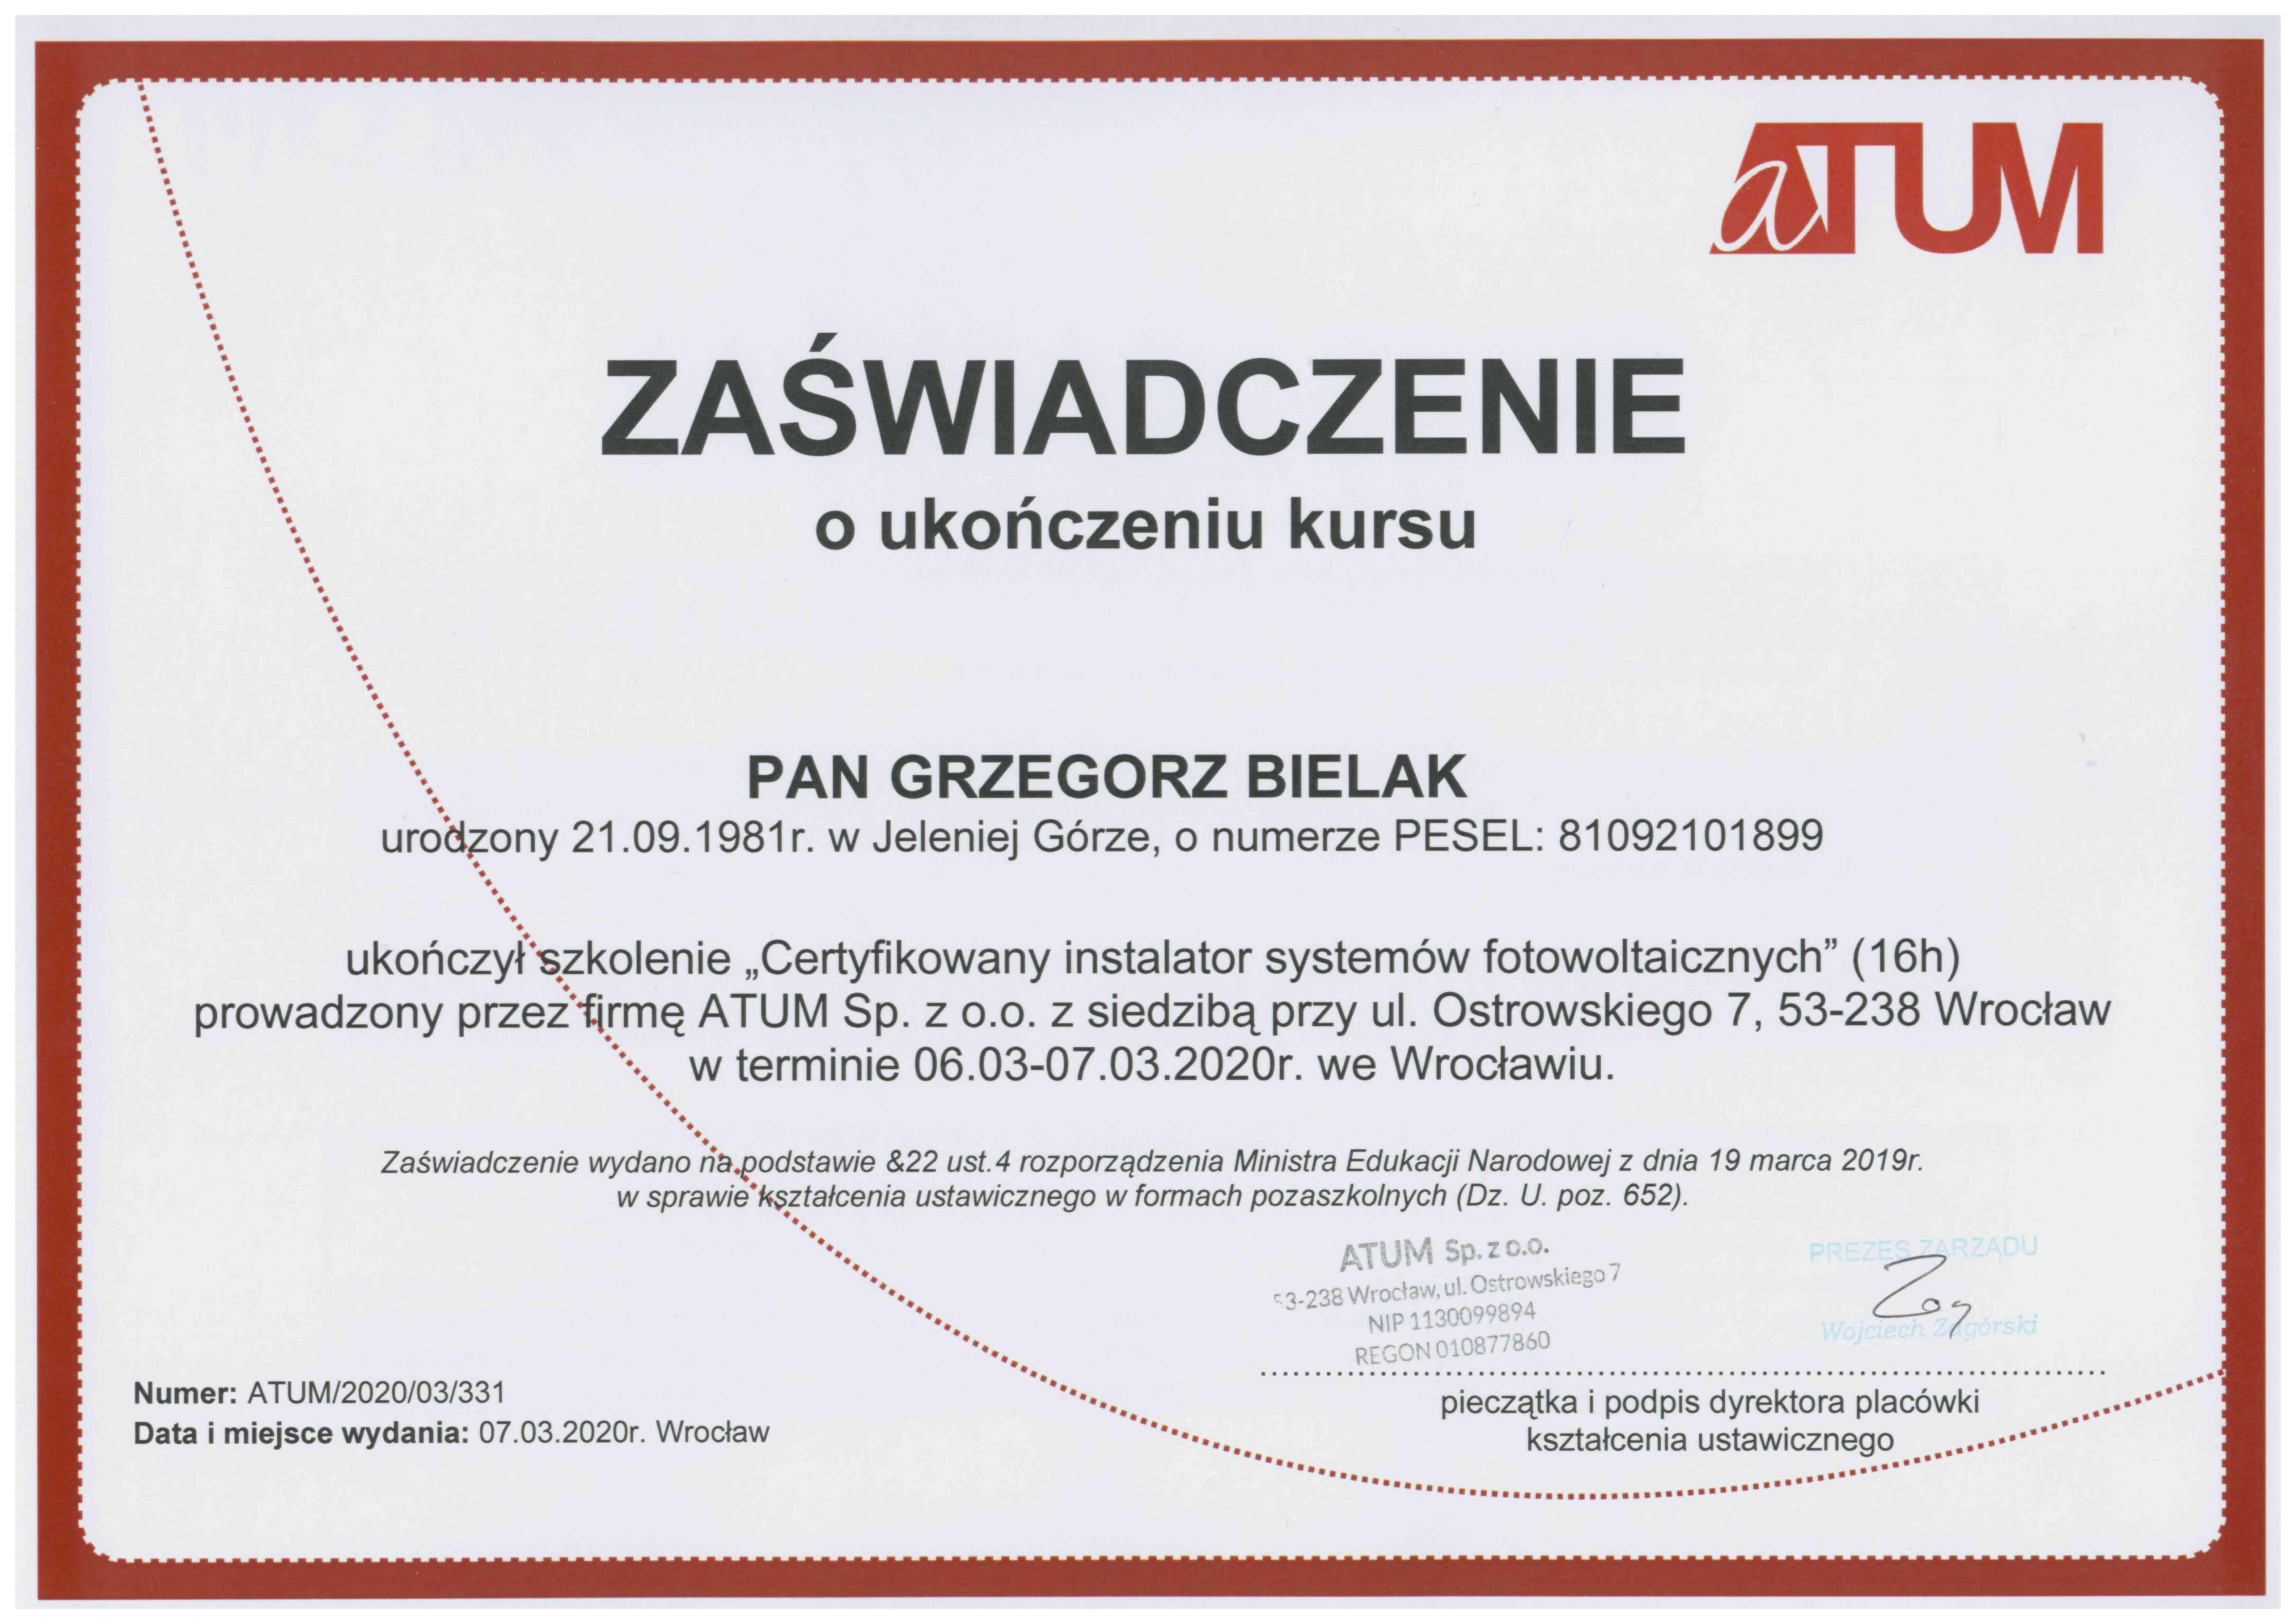 Certyfkat szkolenie Certyfikowany instalator systemów fotowoltaicznych